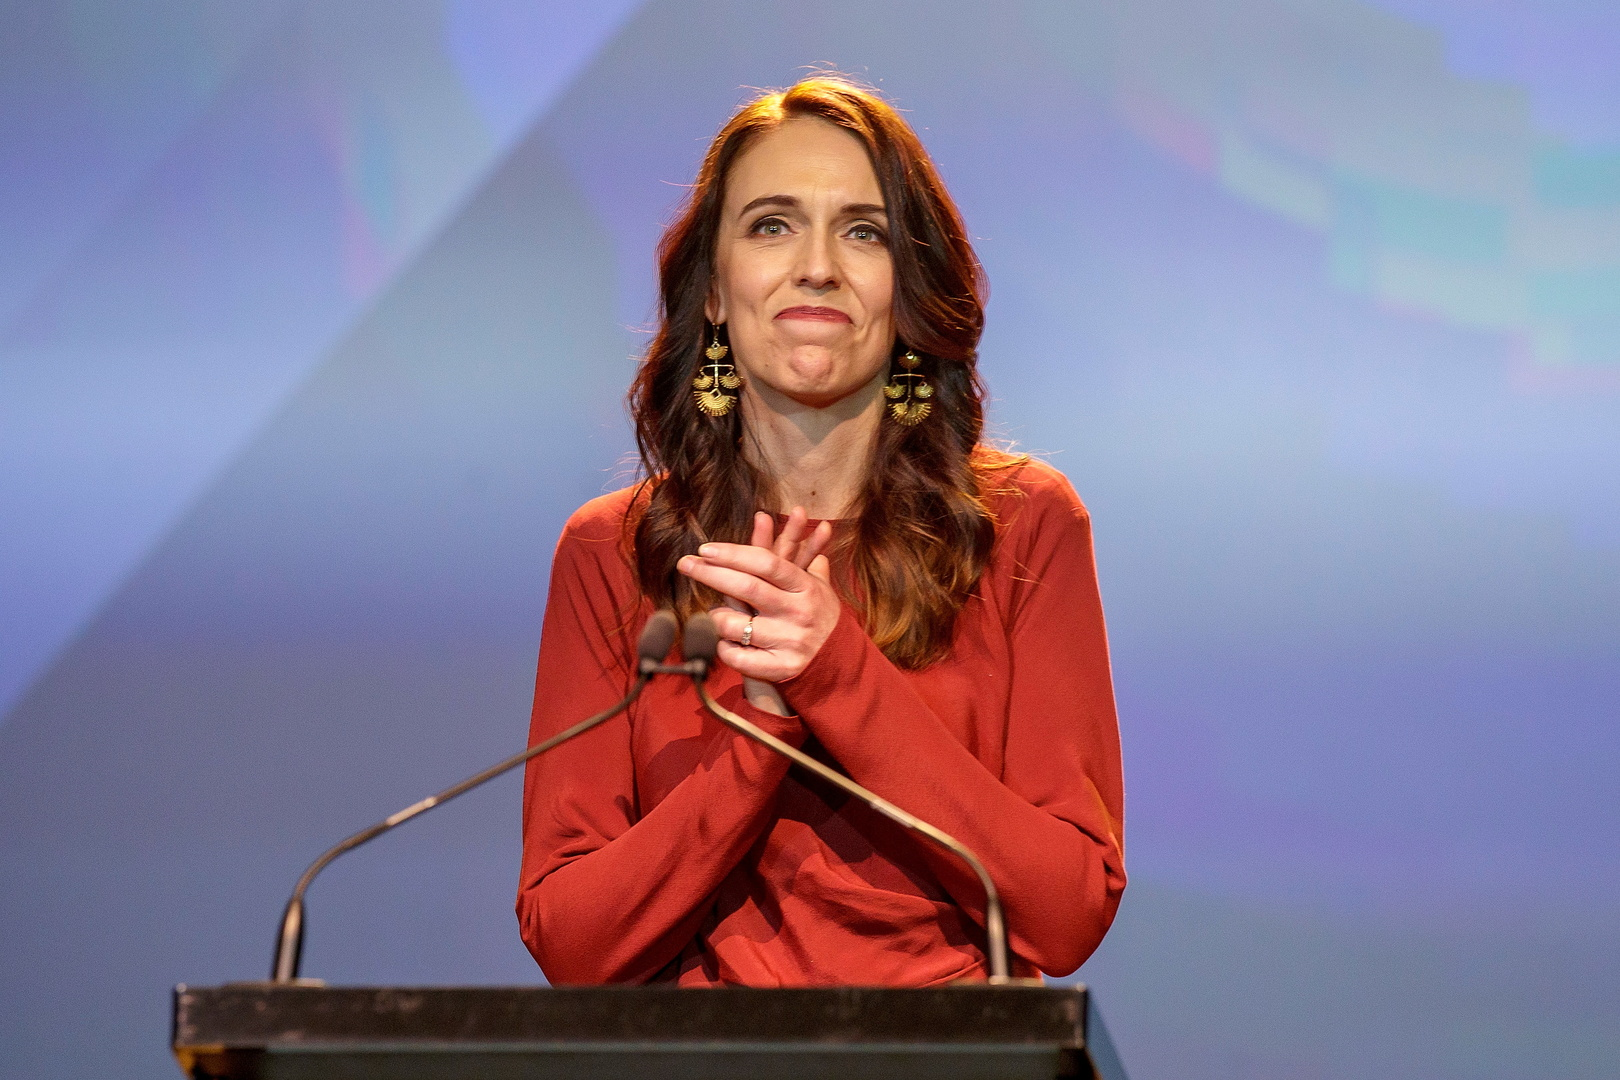 رئيسة وزراء نيوزيلندا: تغلبنا على كورونا مرة أخرى